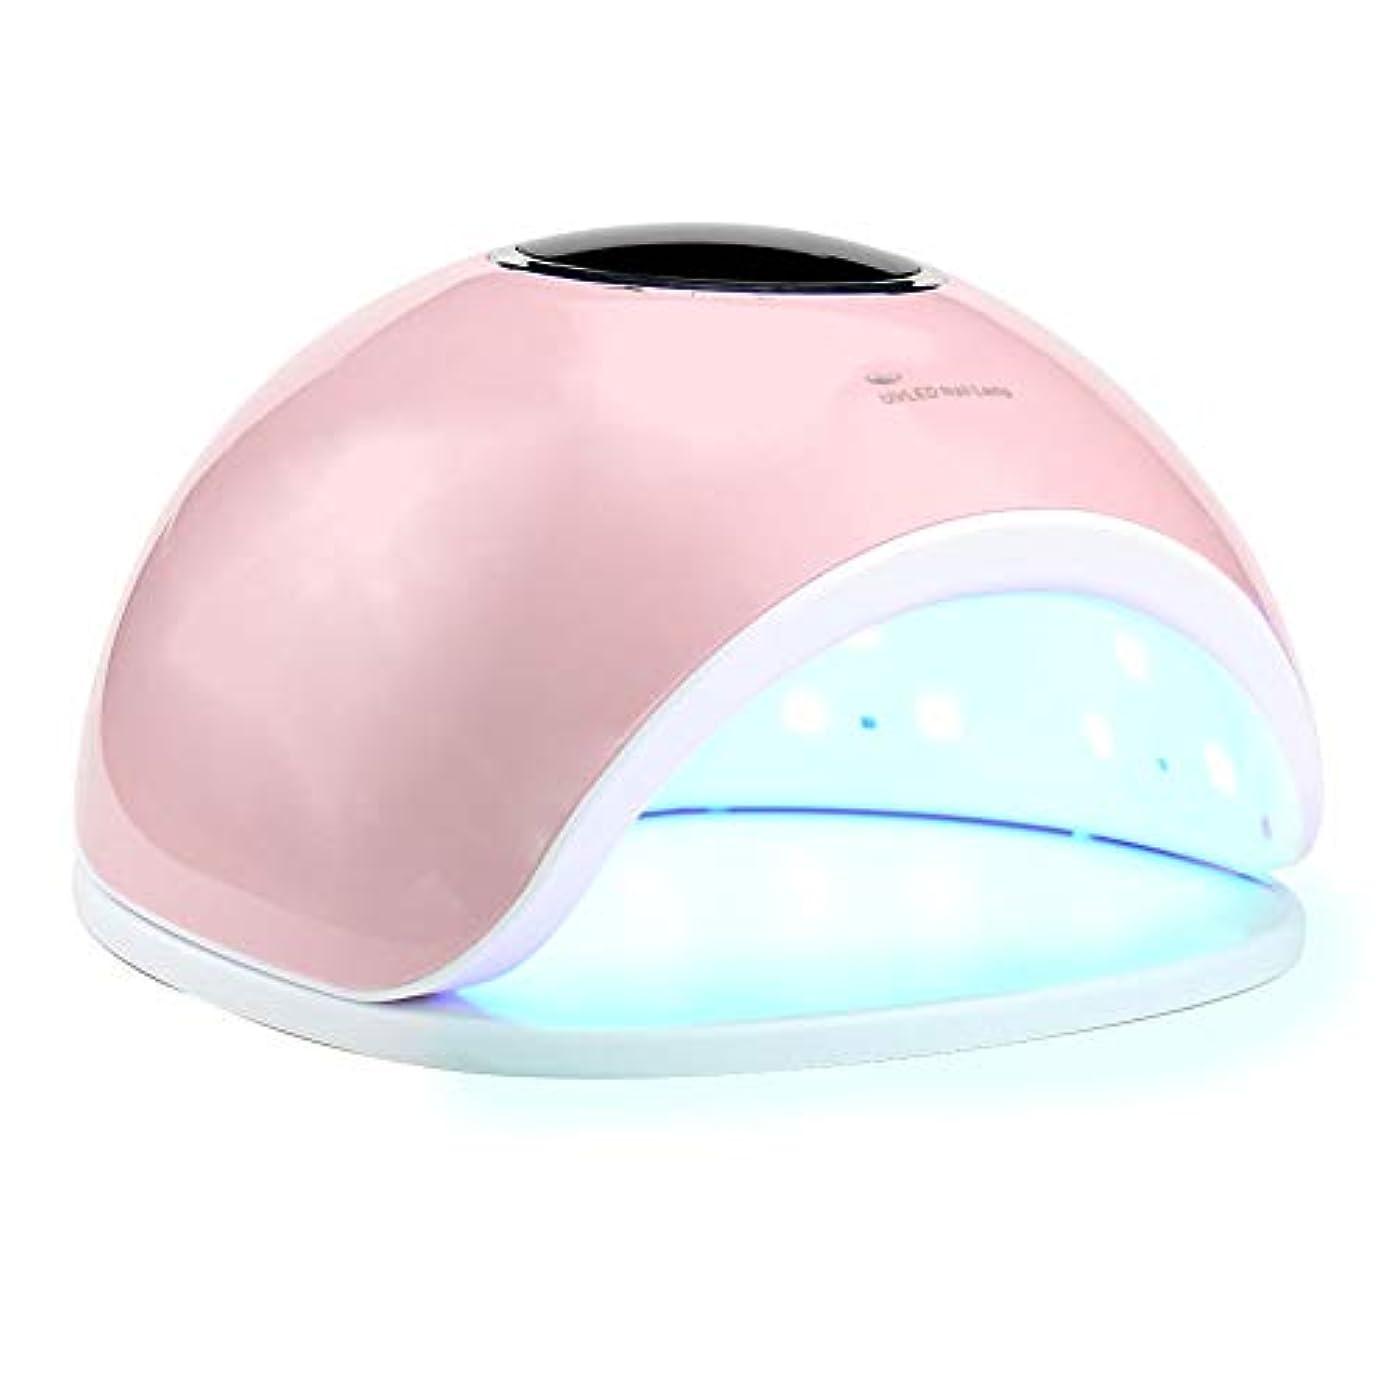 寛大な誰もモデレータネイルドライヤーポータブルネイルライト - ネイル光線療法機33ランプビーズ液晶ディスプレイ無痛モード4タイミング,Pink